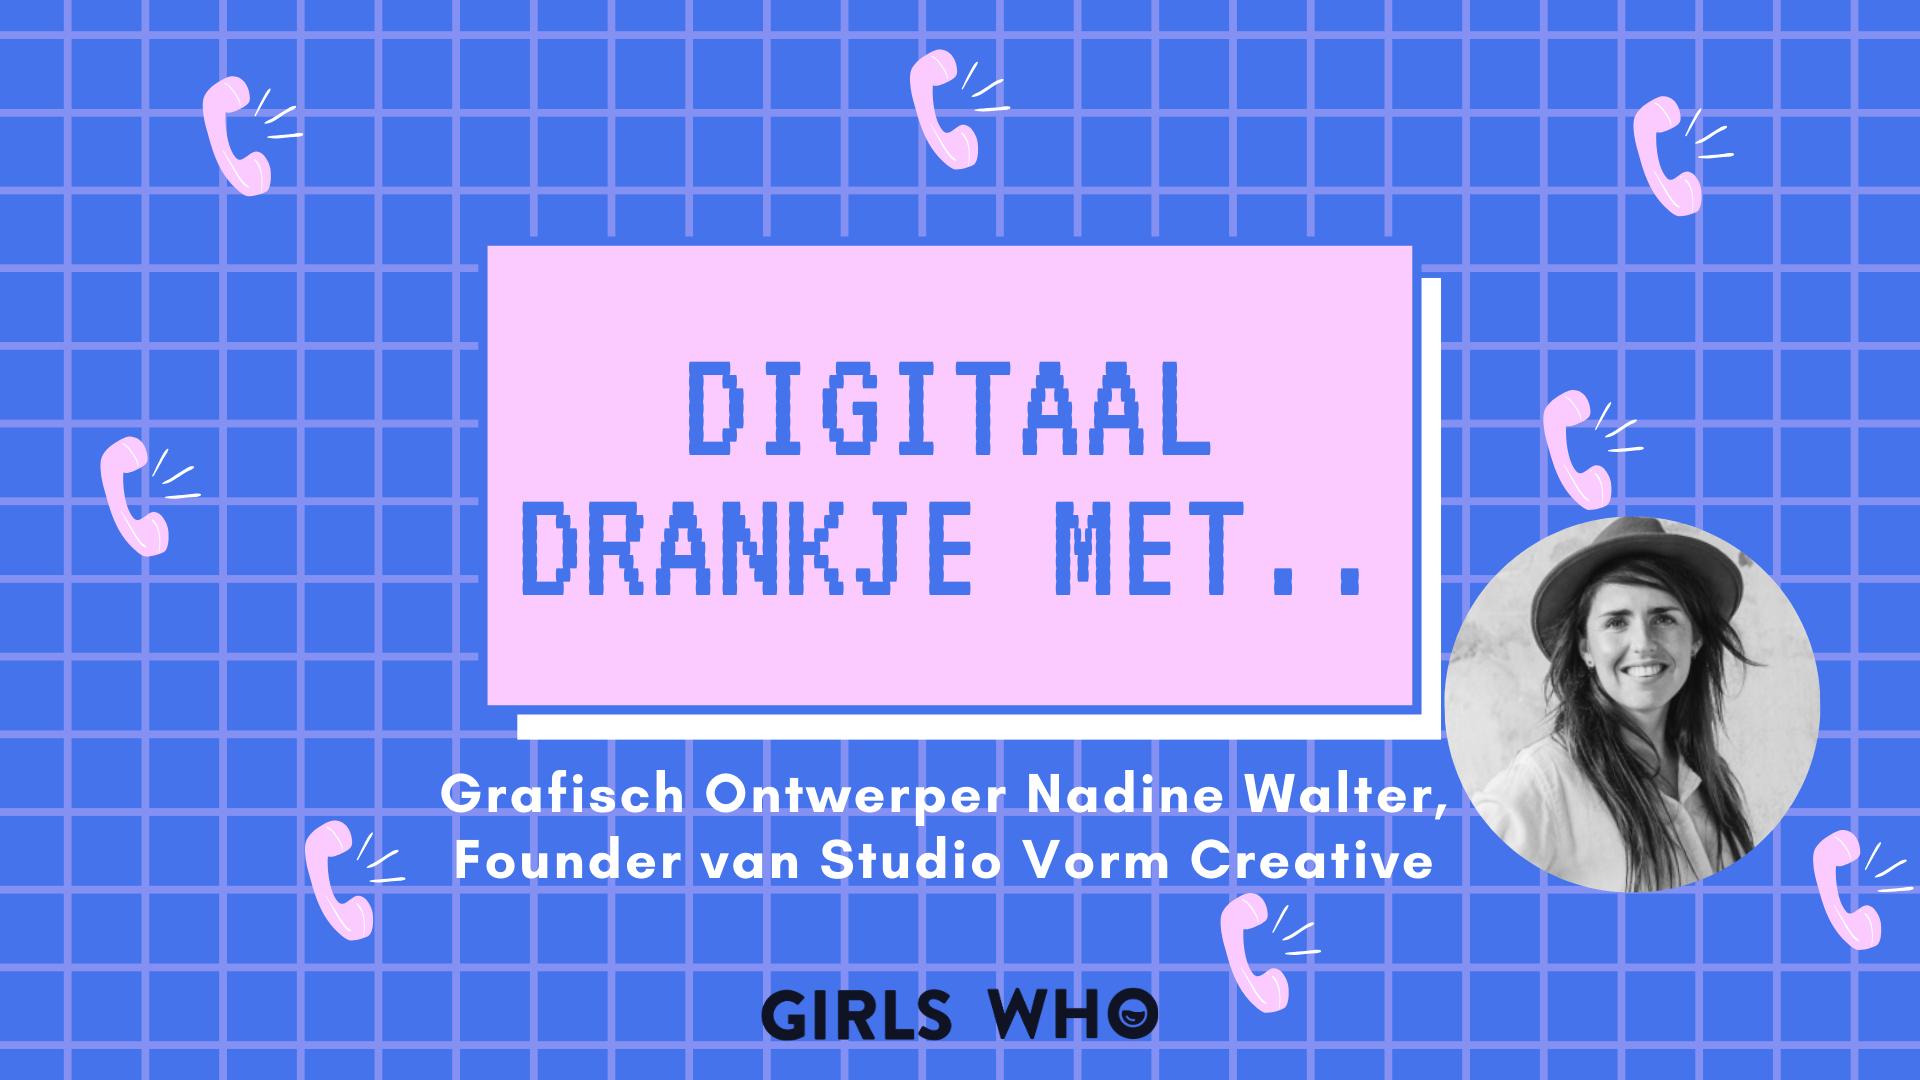 interview nadine walter - studio vorm creative - grafisch ontwerper - insta cursus volgen - cursussen volgen - brand identiteit